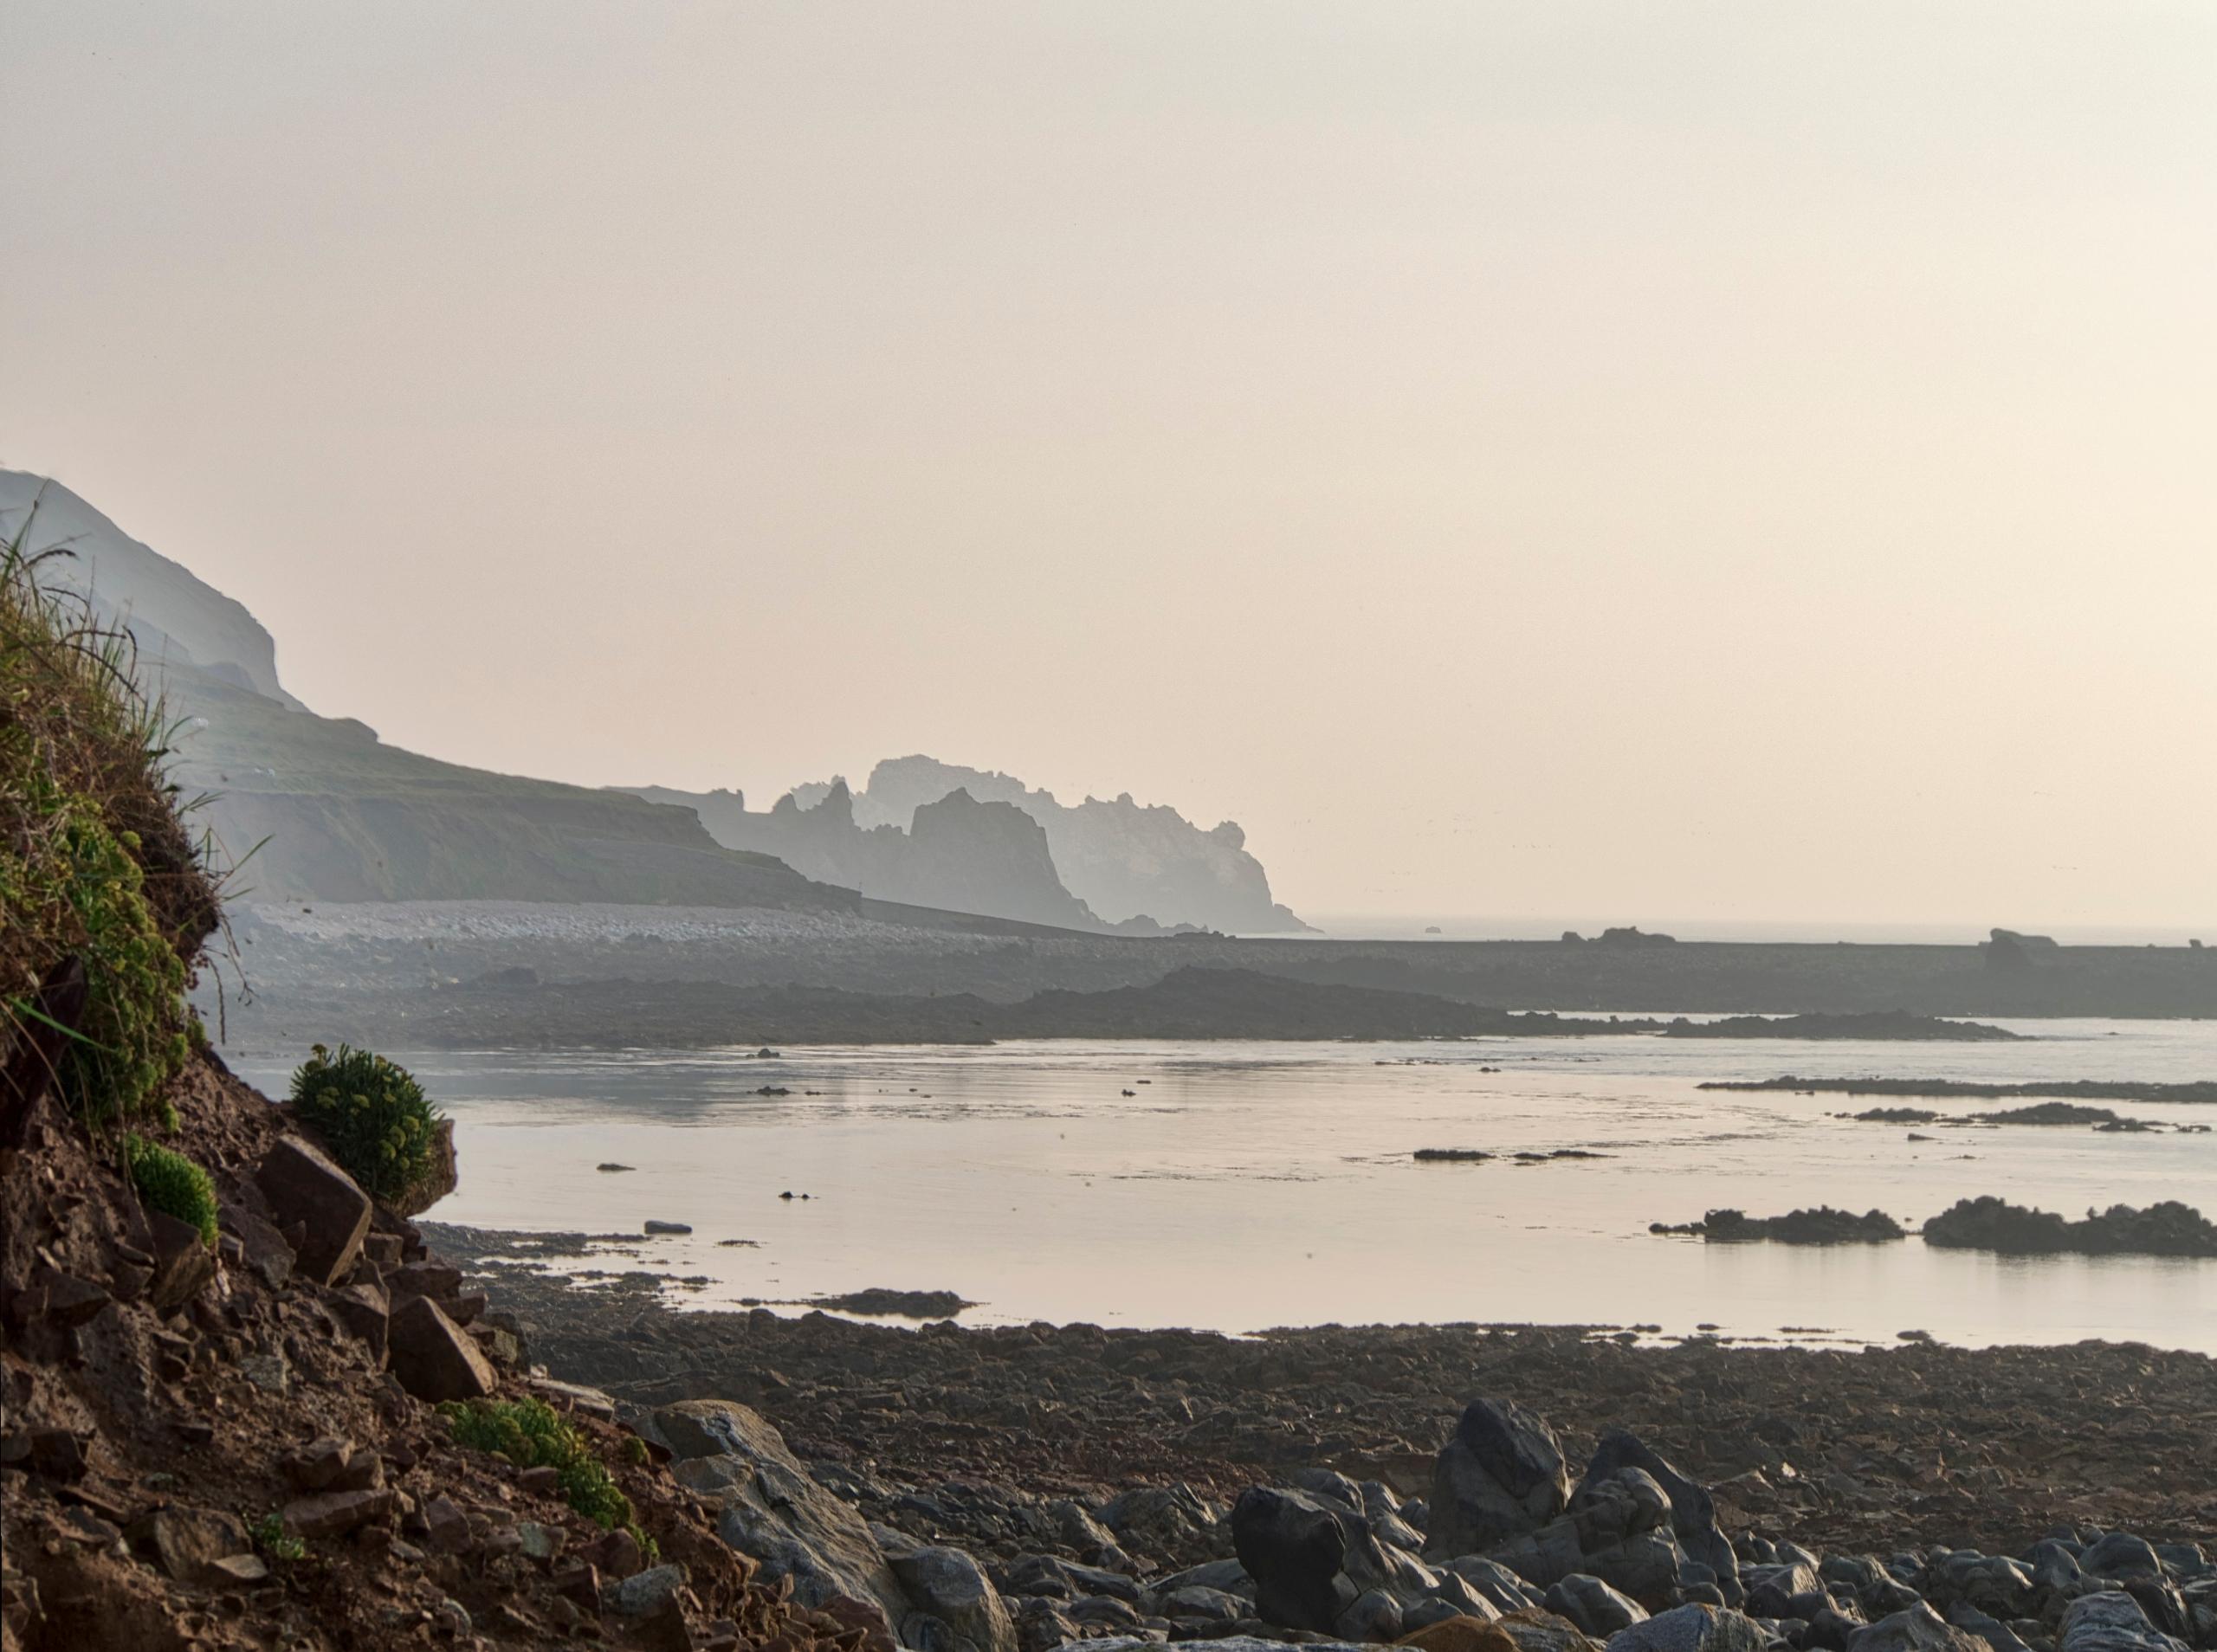 Gannet Rocks Mist, Alderney - C - neilhoward | ello